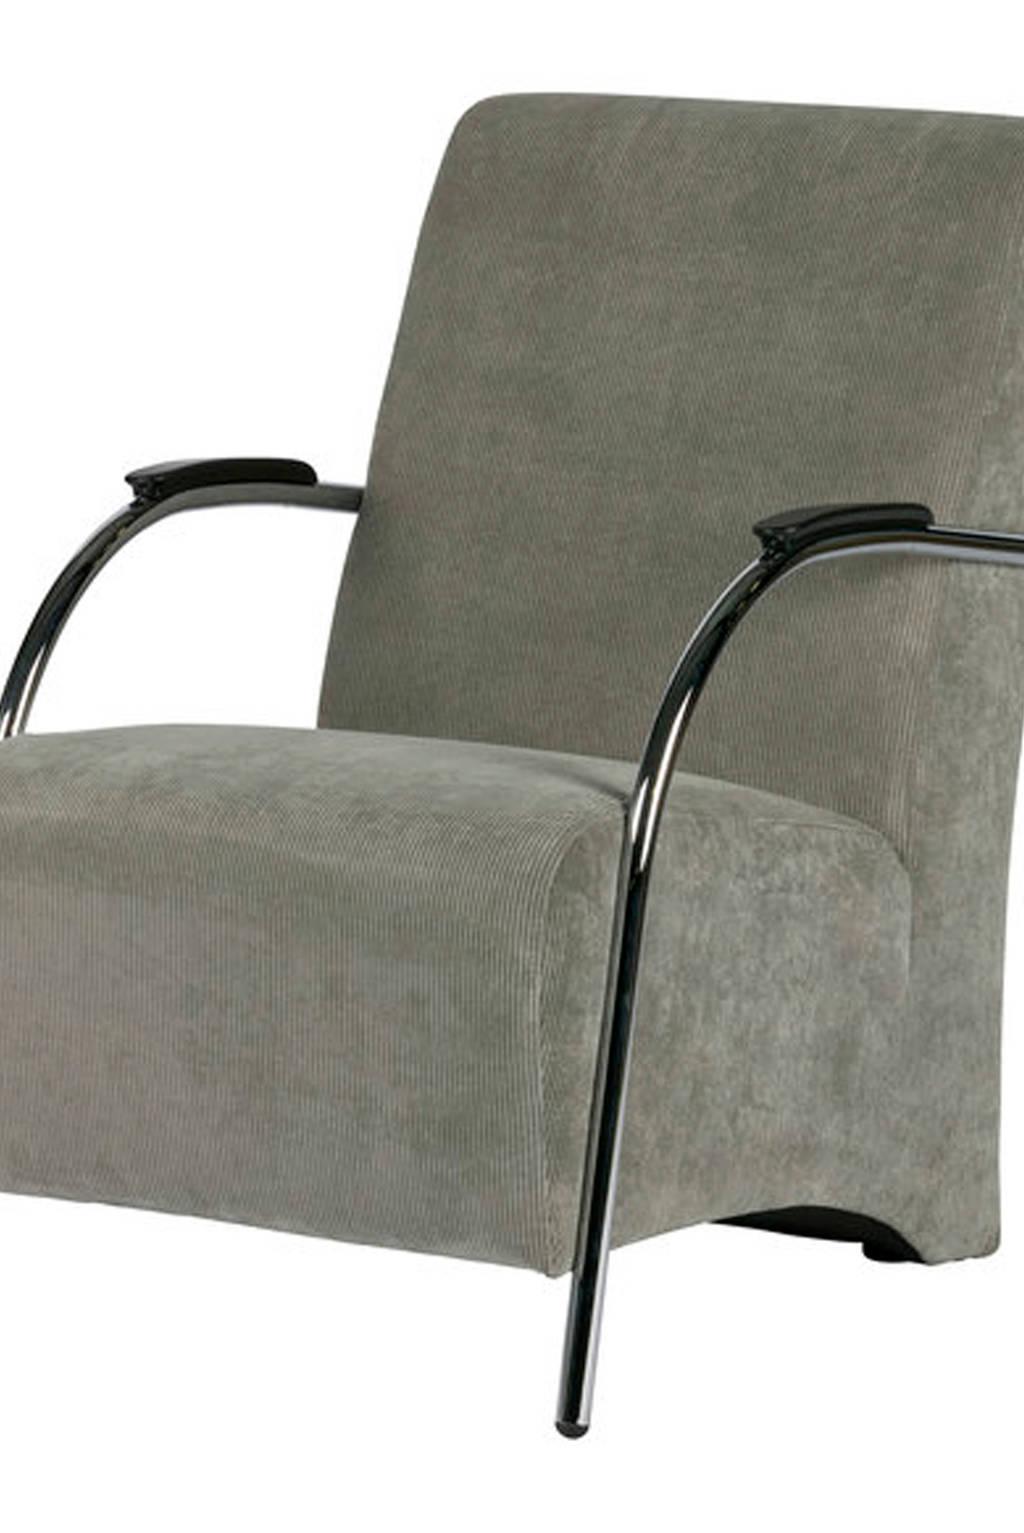 Woood fauteuil Halifax, Vergrijsd groen